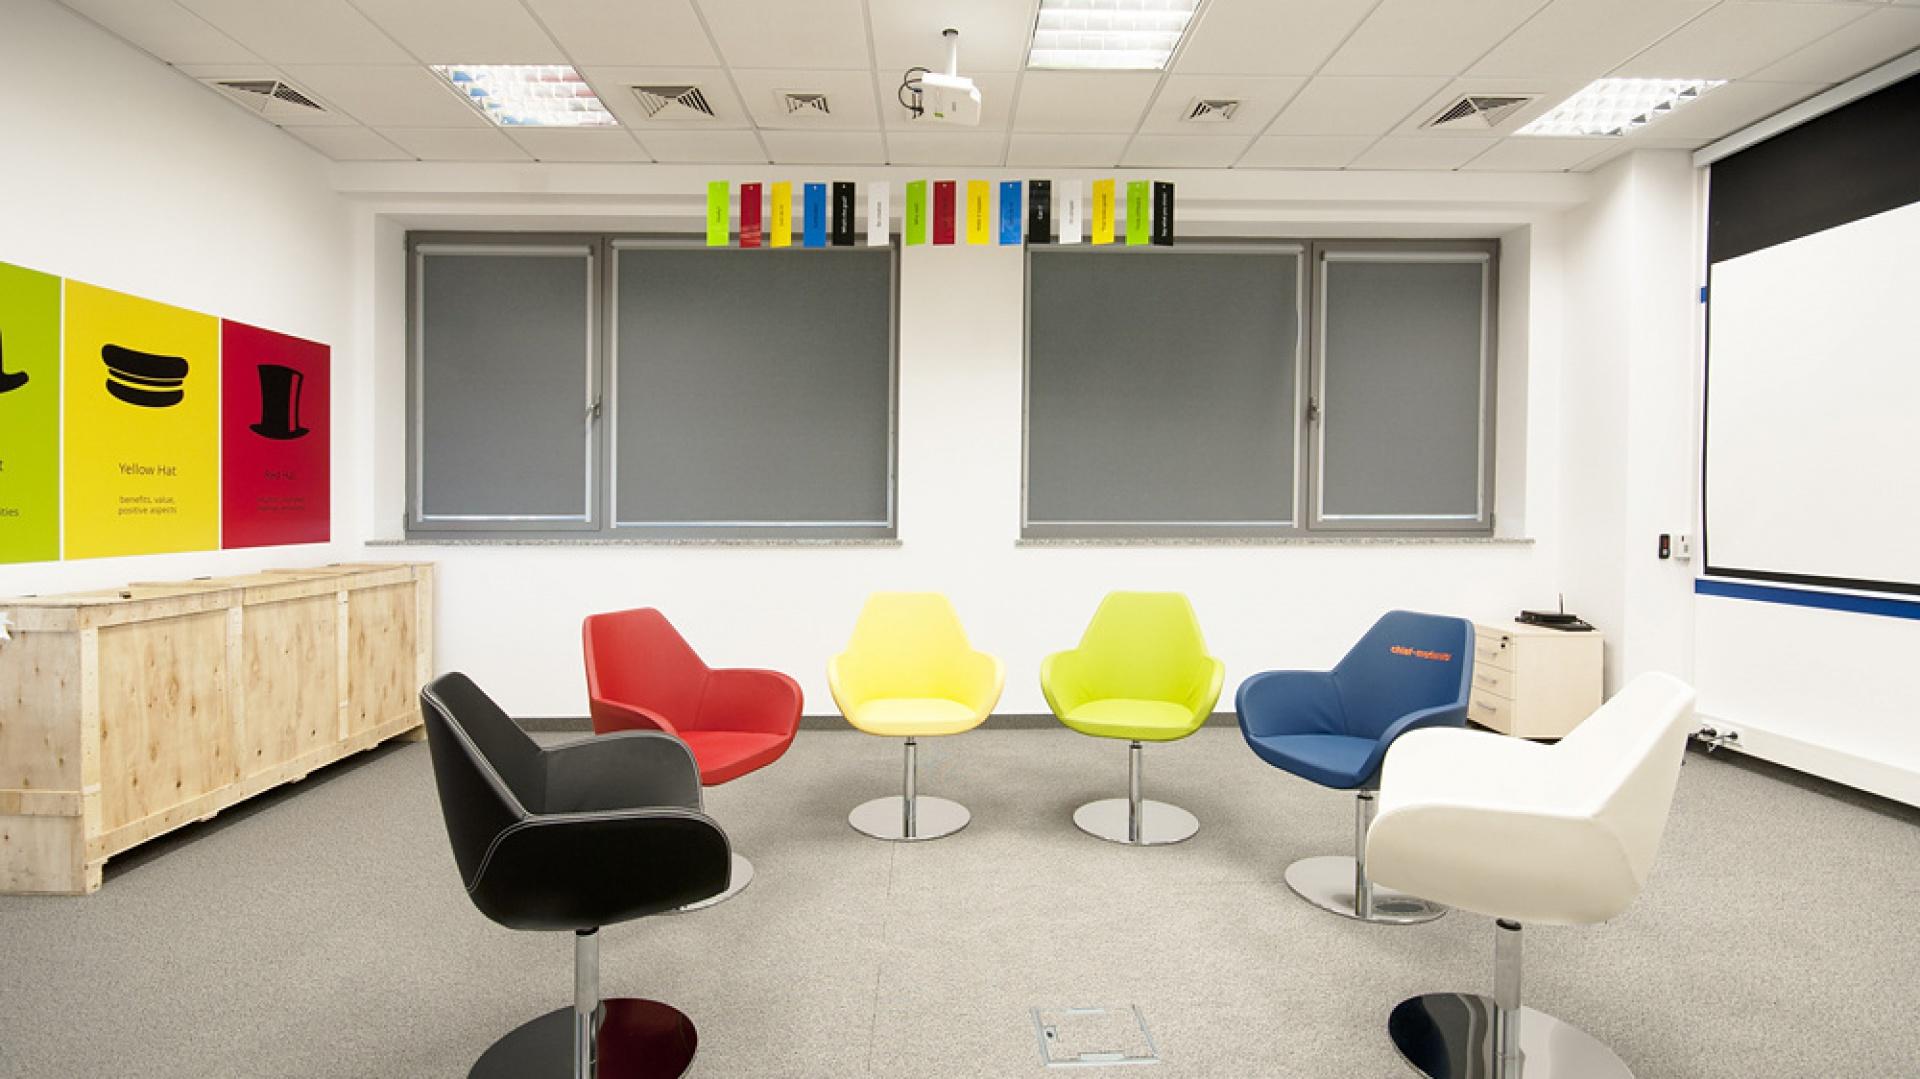 Nowoczesne podejście to stylizacji biura, to dziś podstawa dobrego biznesu. Fot. Marta Niedbalec